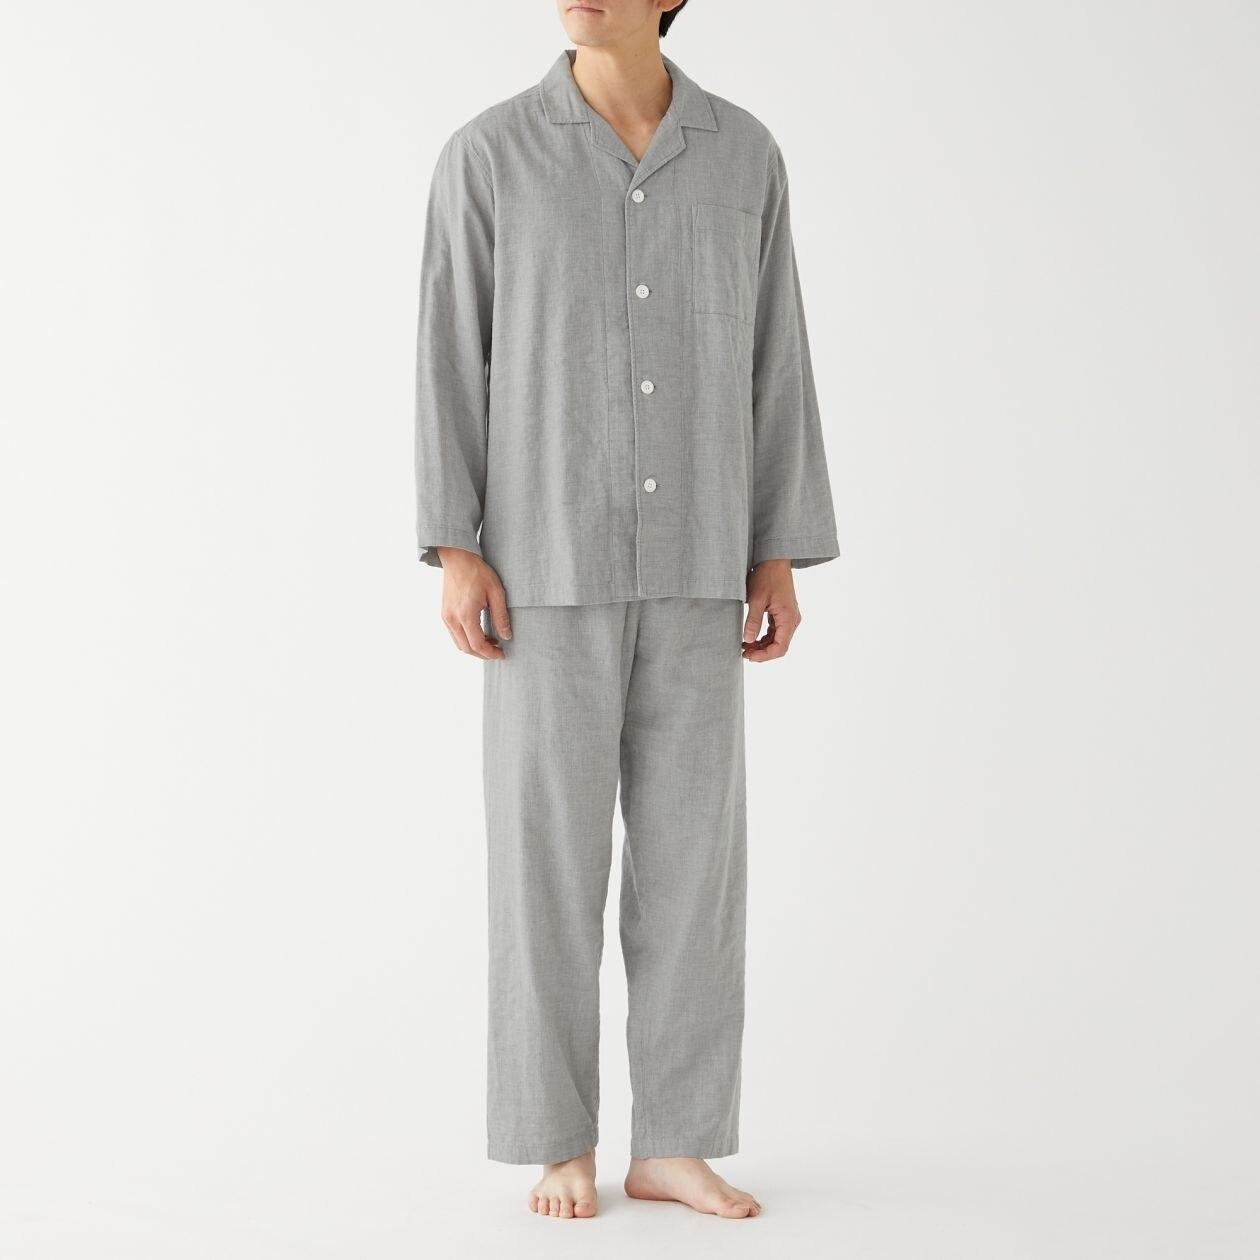 脇に縫い目のない 二重ガーゼパジャマ